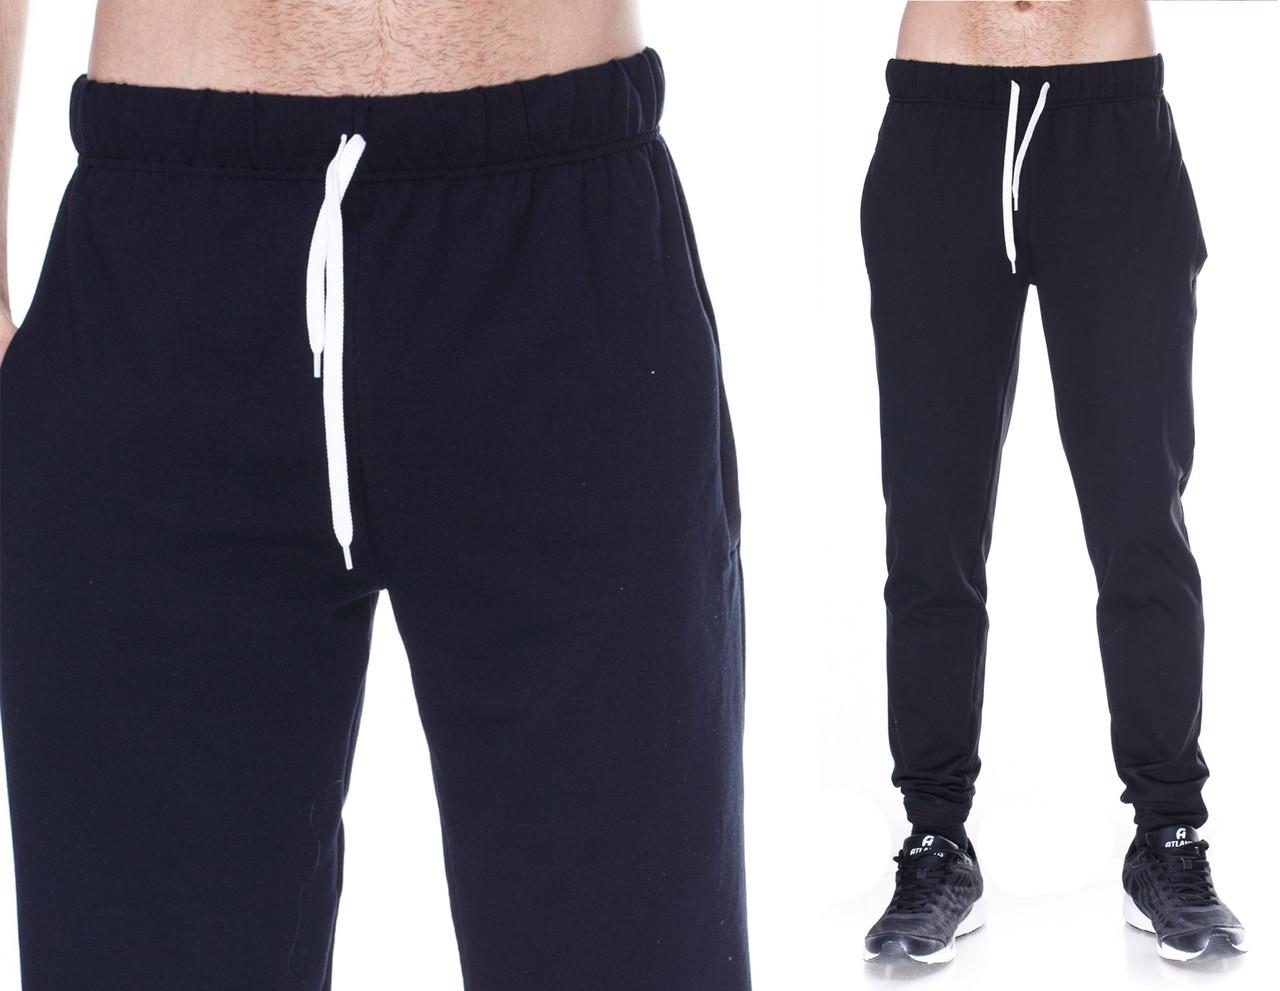 как увеличить длину спортивных штанов мужских